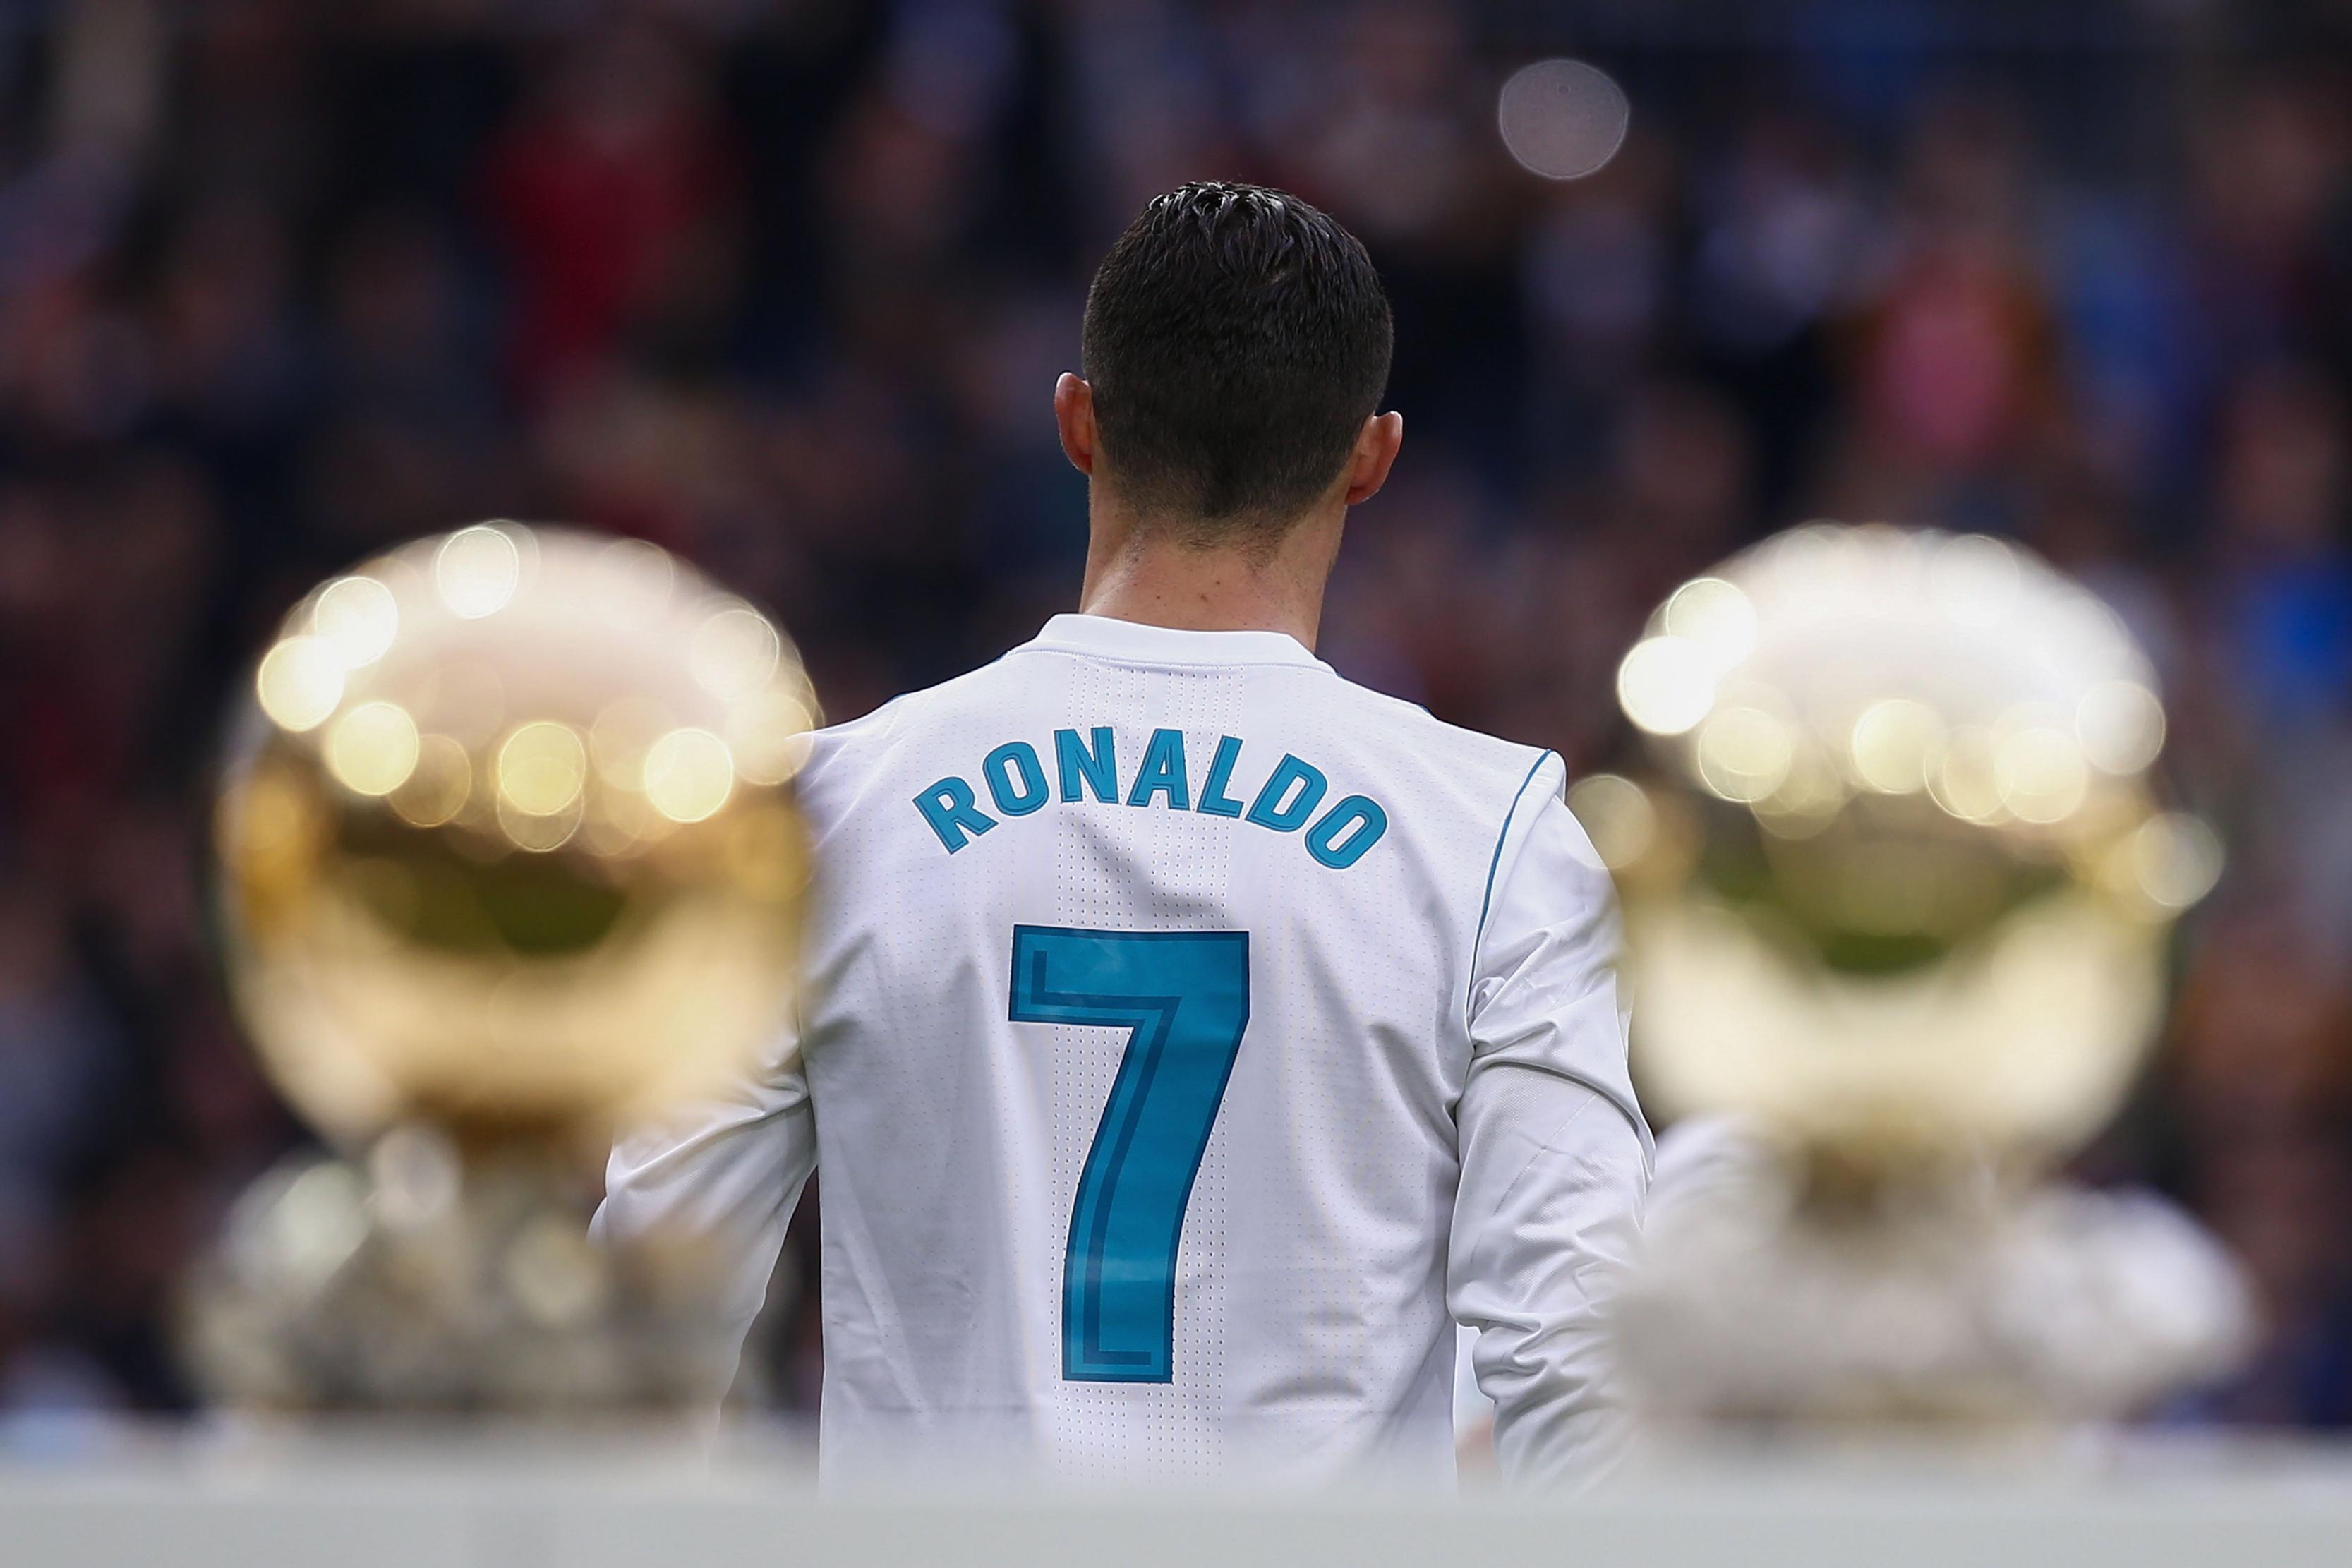 بالصور صور كرستيانو 2019 , اجمل صور لاعب الكرة كريستيانو رونالدو 3487 6